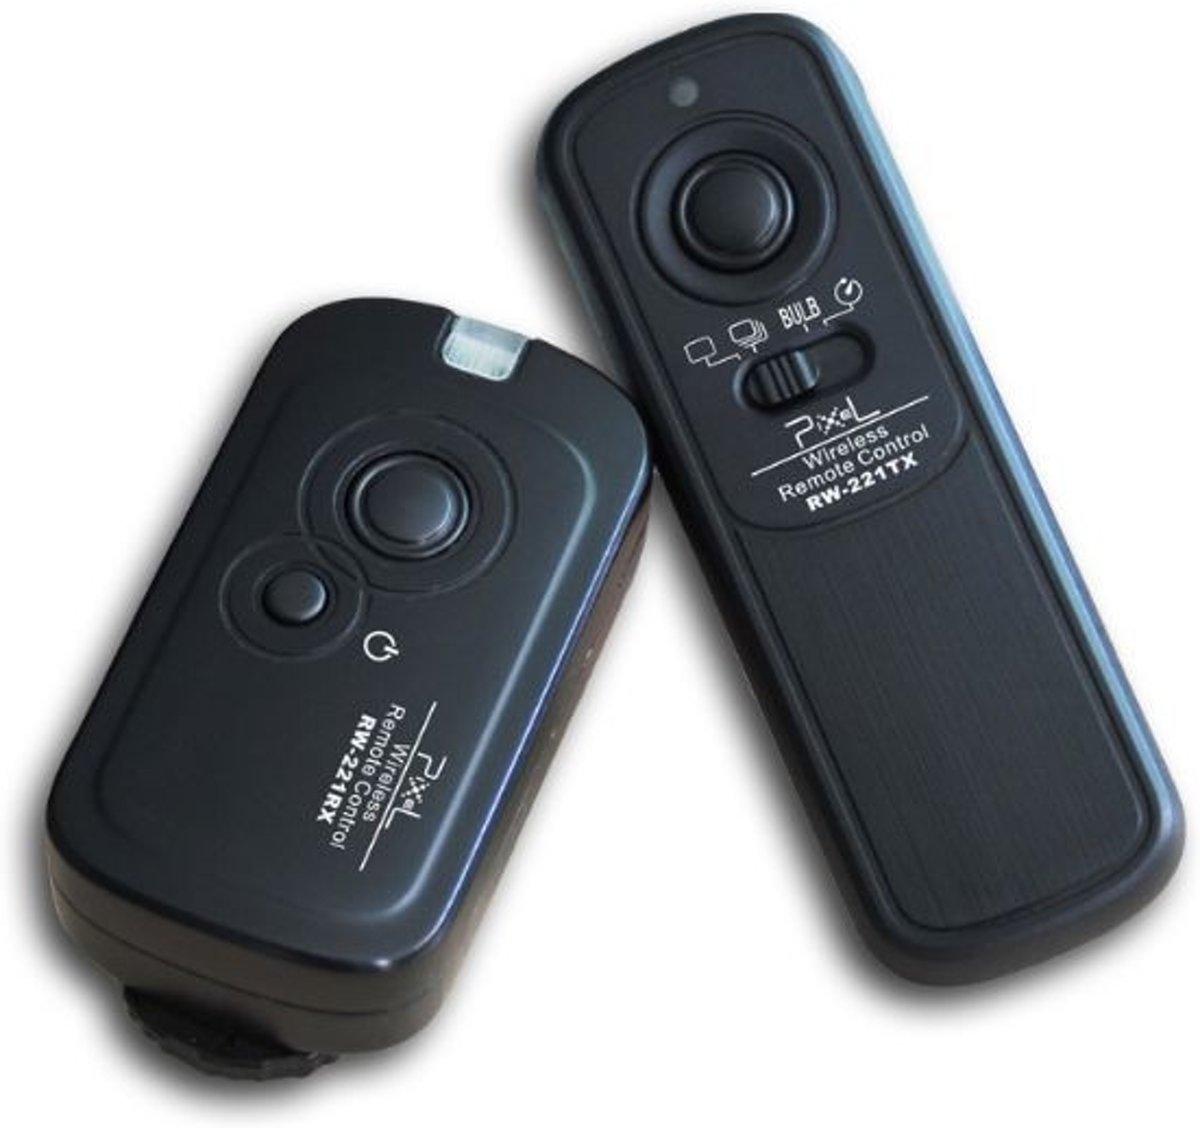 Pixel Draadloze Afstandsbediening RW-221/DC0 Oppilas voor Nikon